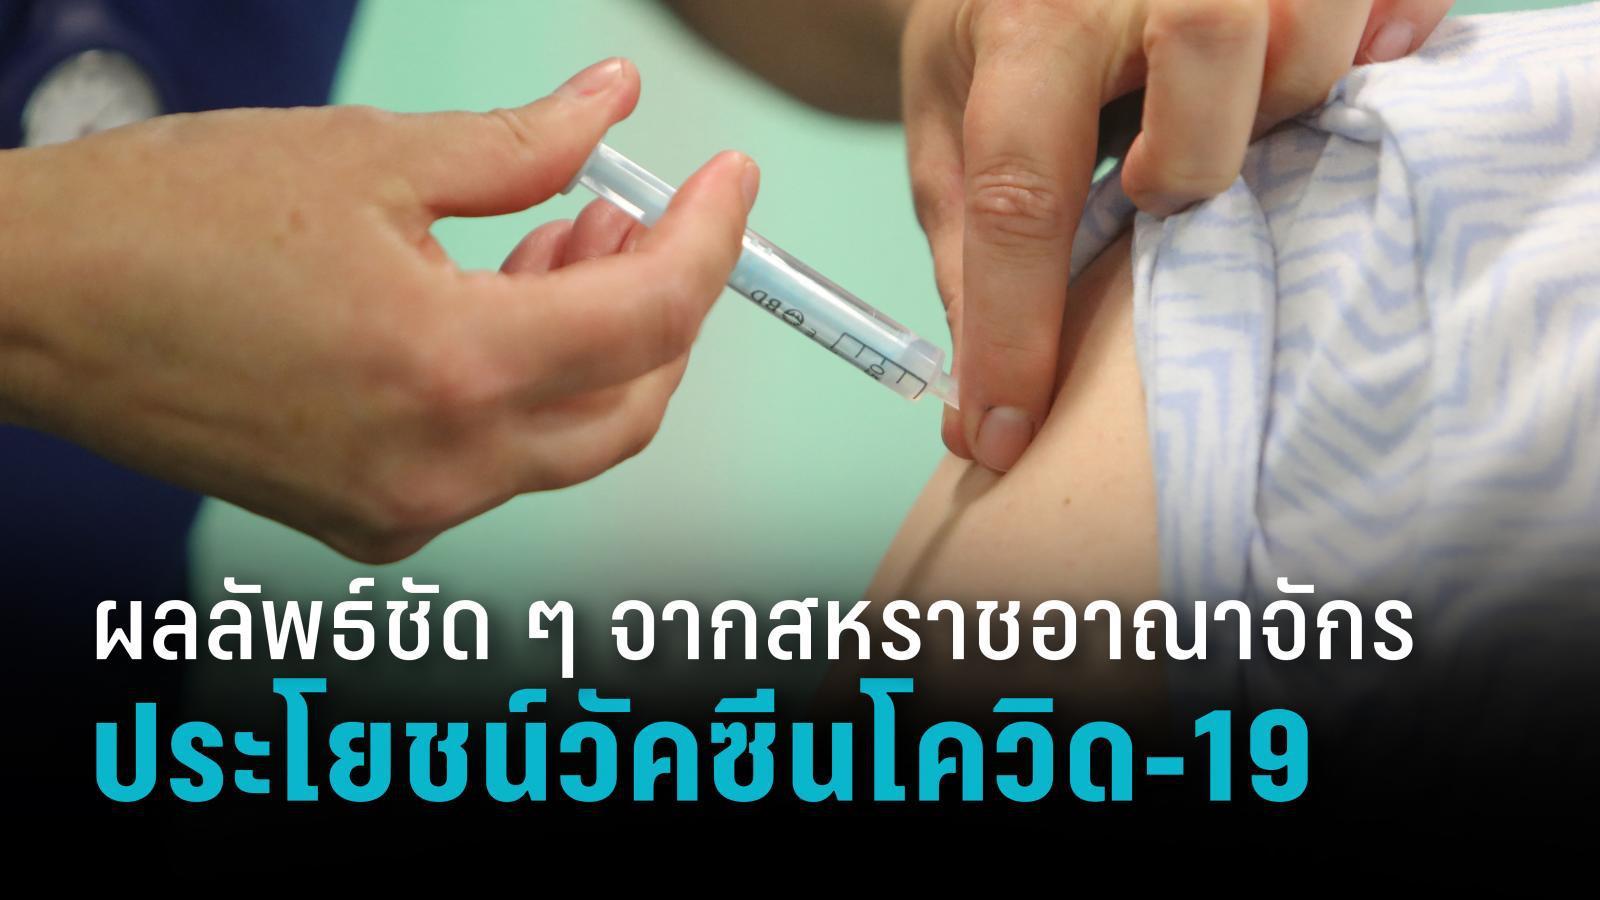 ผลลัพธ์ชัด ๆ จากสหราชอาณาจักร ประโยชน์ของวัคซีนโควิด-19